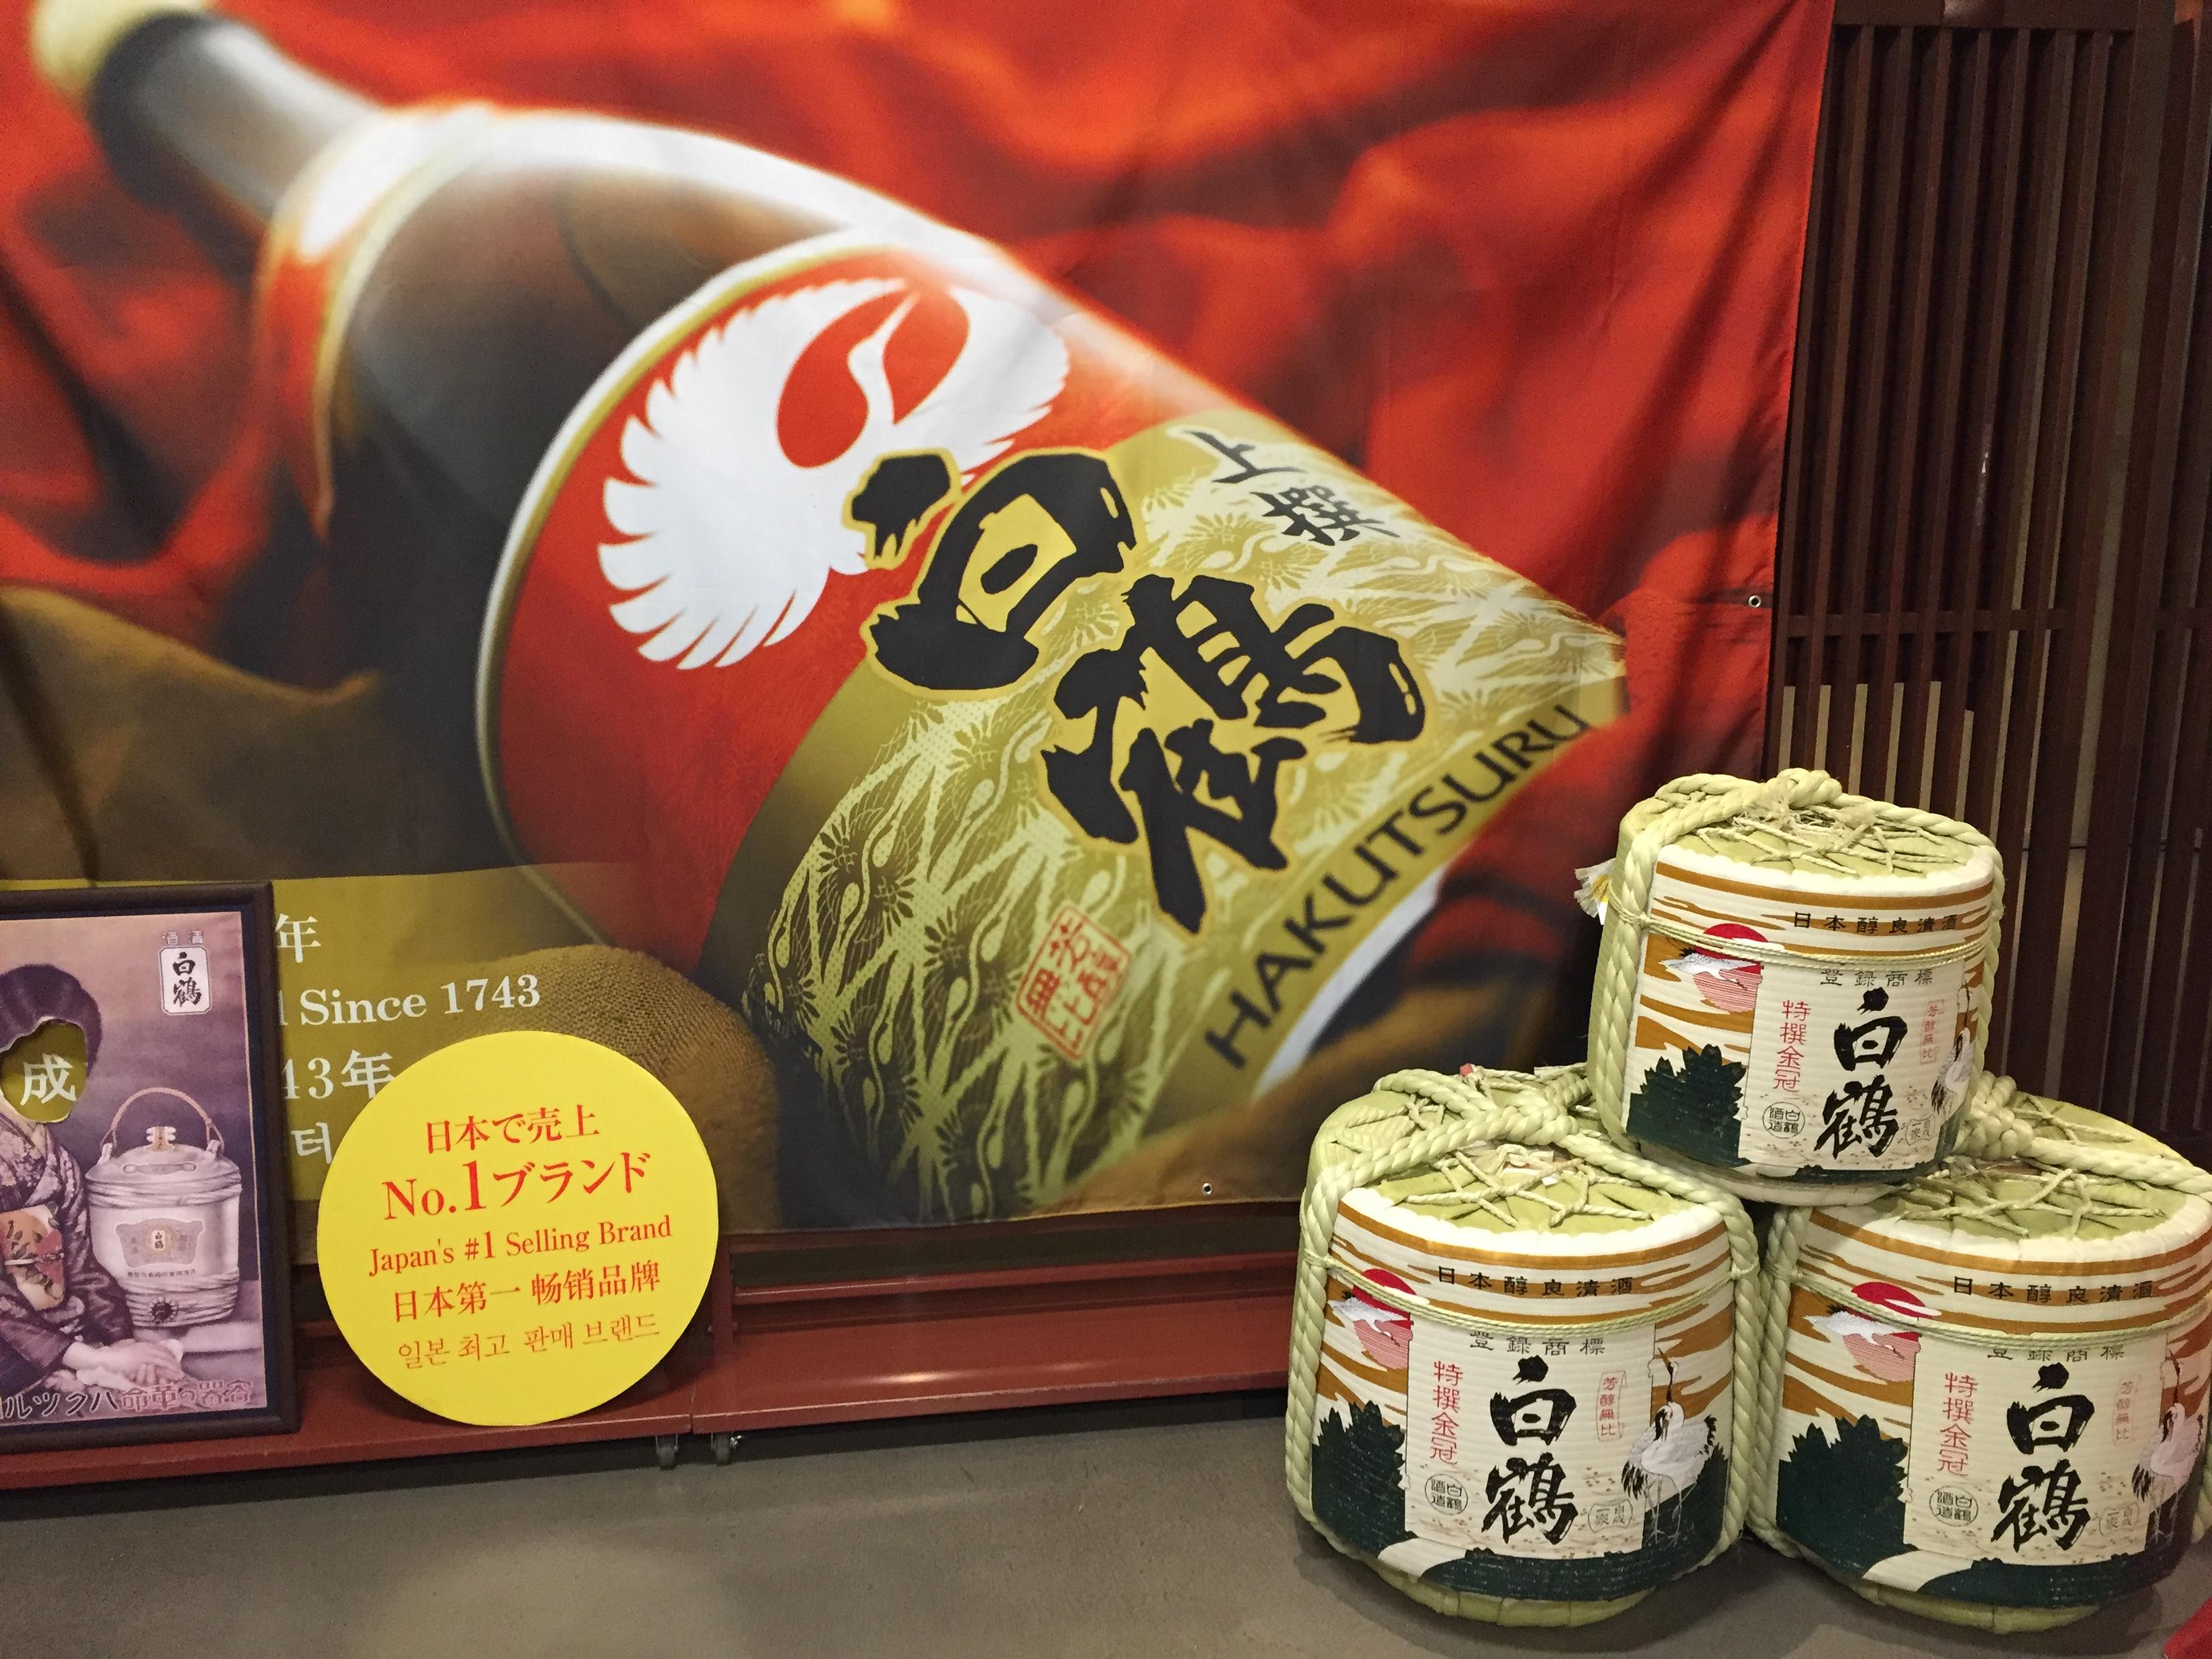 神戸・住吉の白鶴酒造資料館で灘の「べっぴんさん」を味わおう!【べっぴんさん&大人の社会見学】